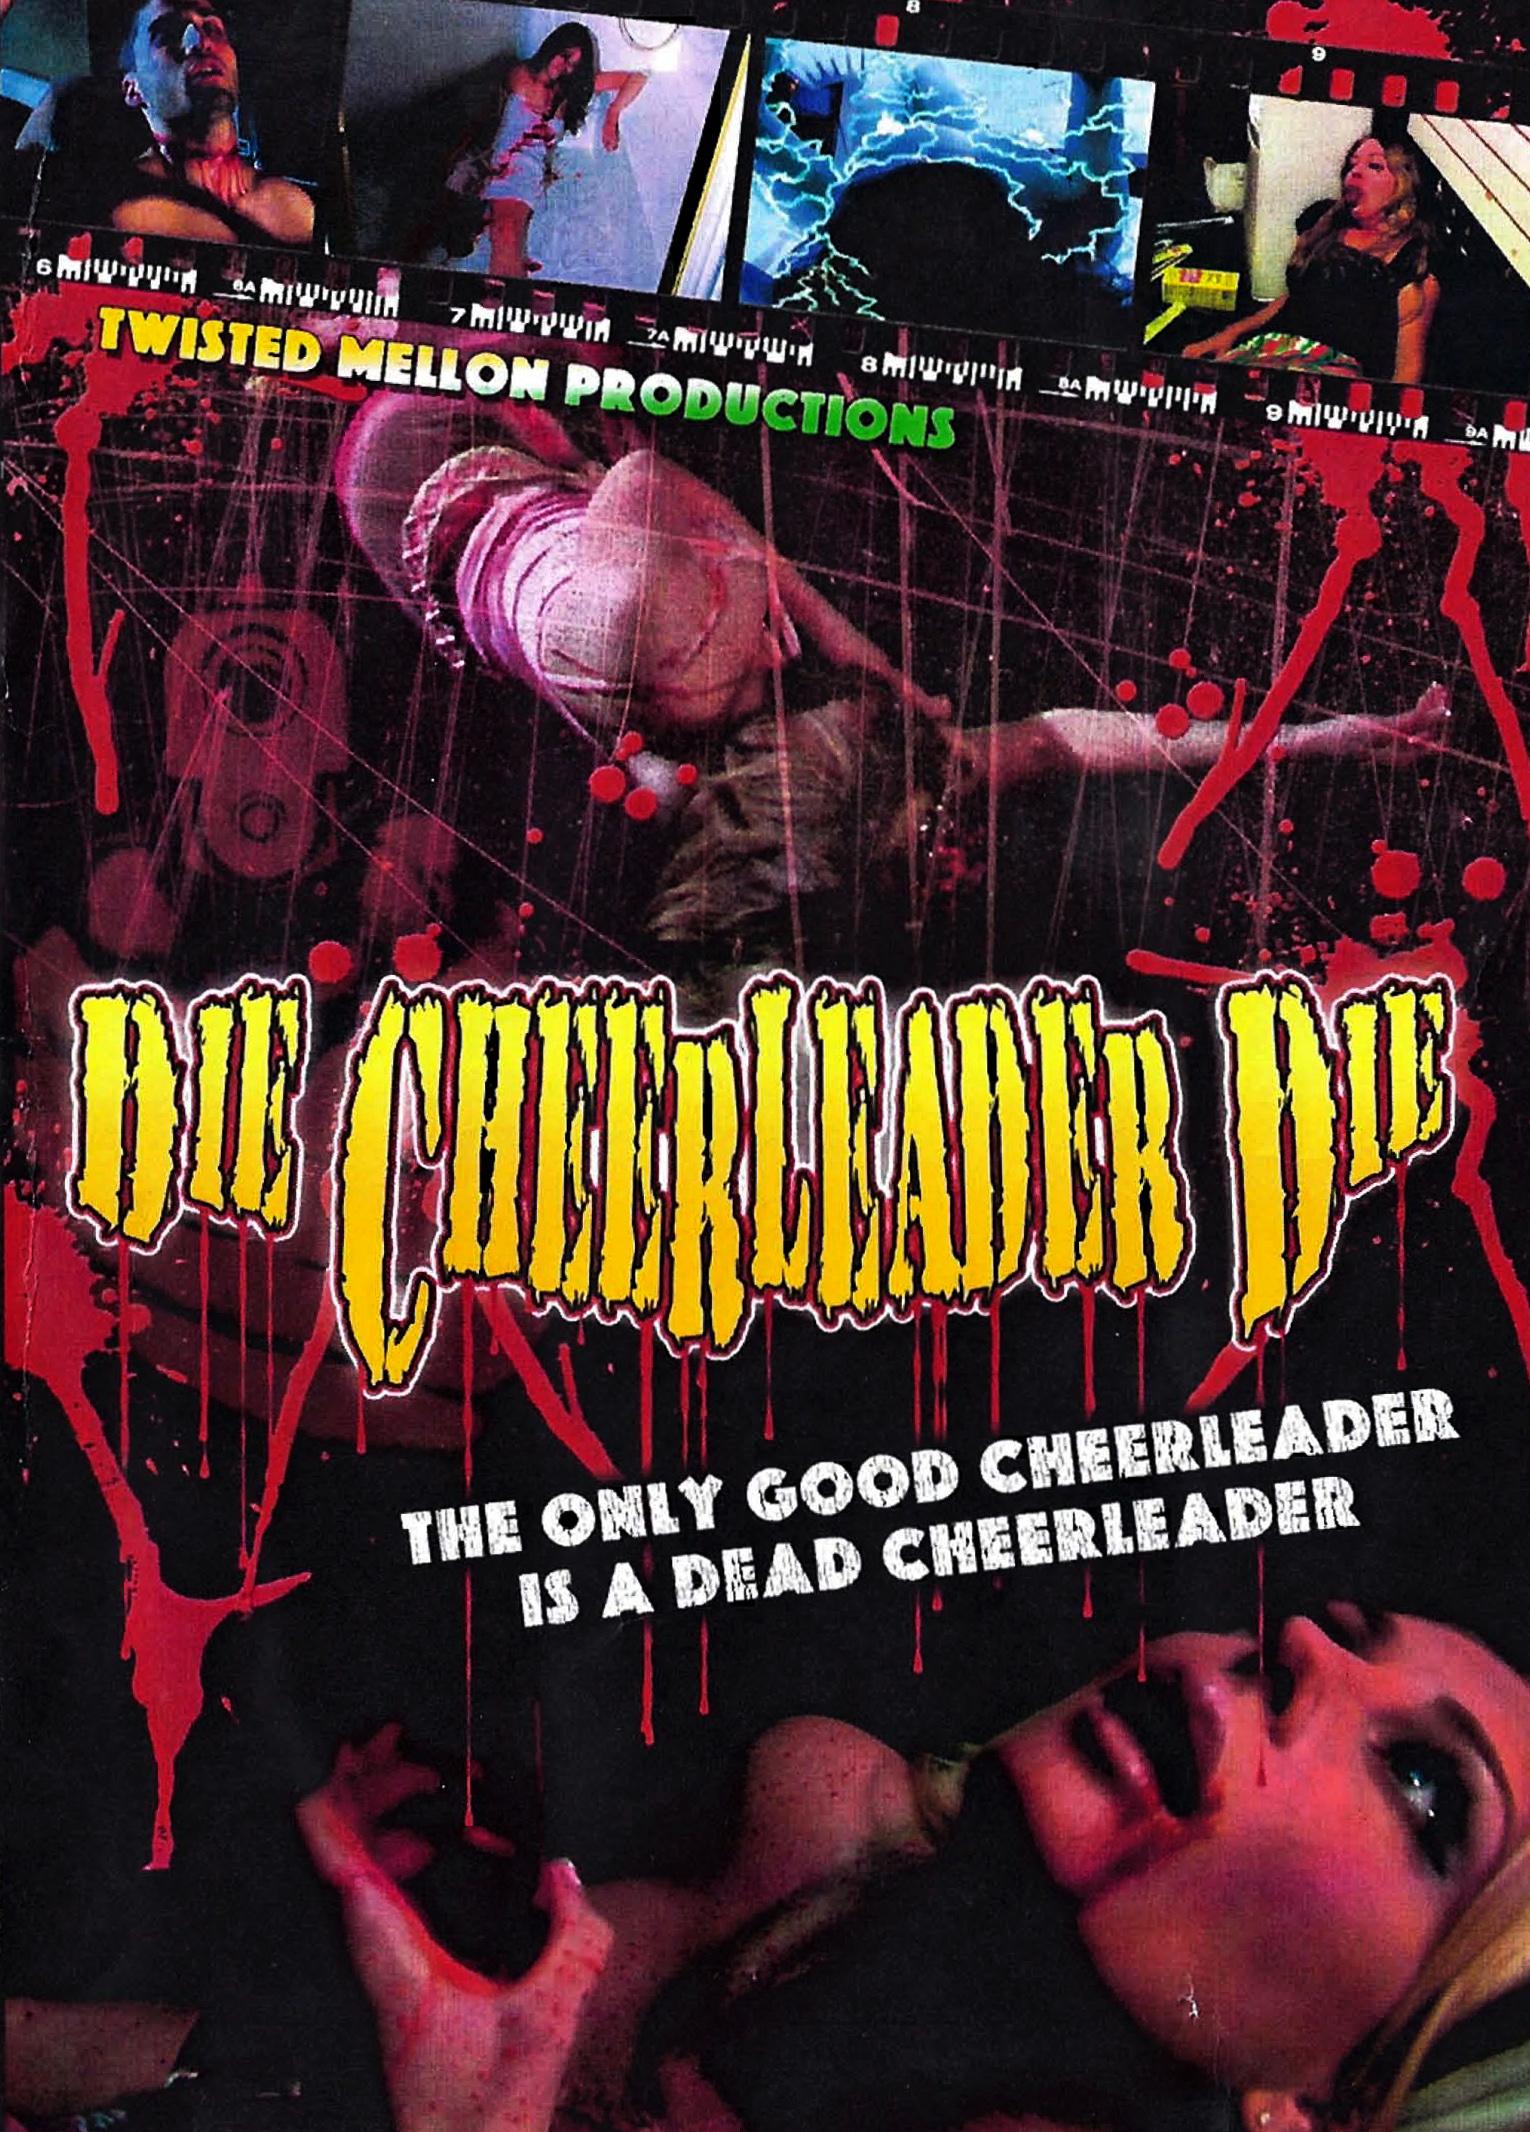 die-cheerleader-die-slasher-horror-movie-filmjpgmrhorrorpedia